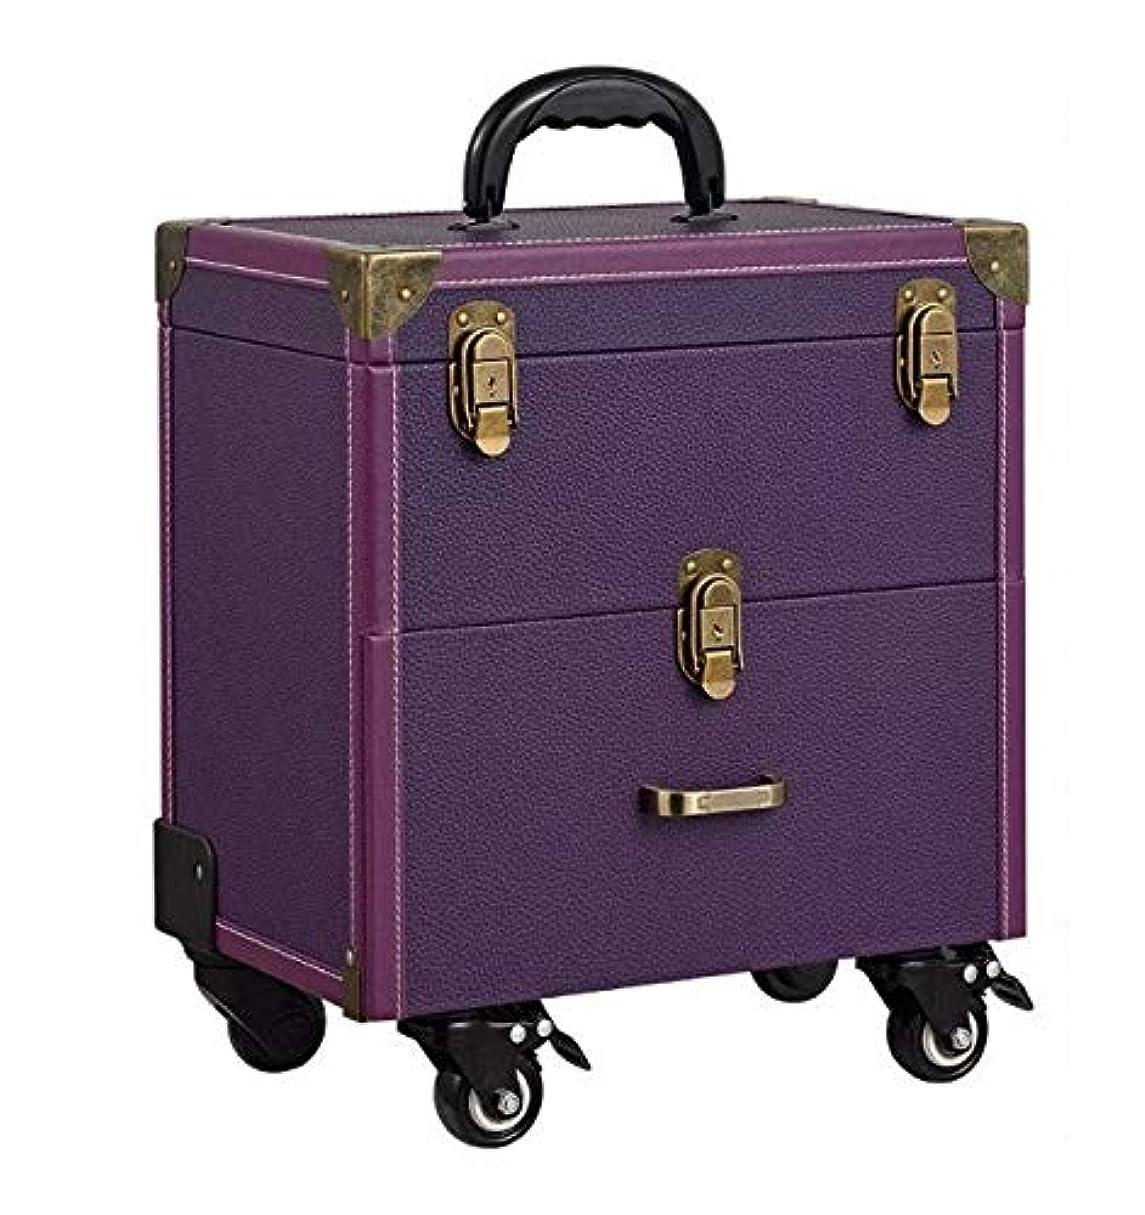 ミルク曇ったスペース化粧箱、大容量二層トロリー化粧品ケース、ポータブル旅行化粧品バッグ収納袋、美容化粧ネイルジュエリー収納ボックス (Color : Purple)